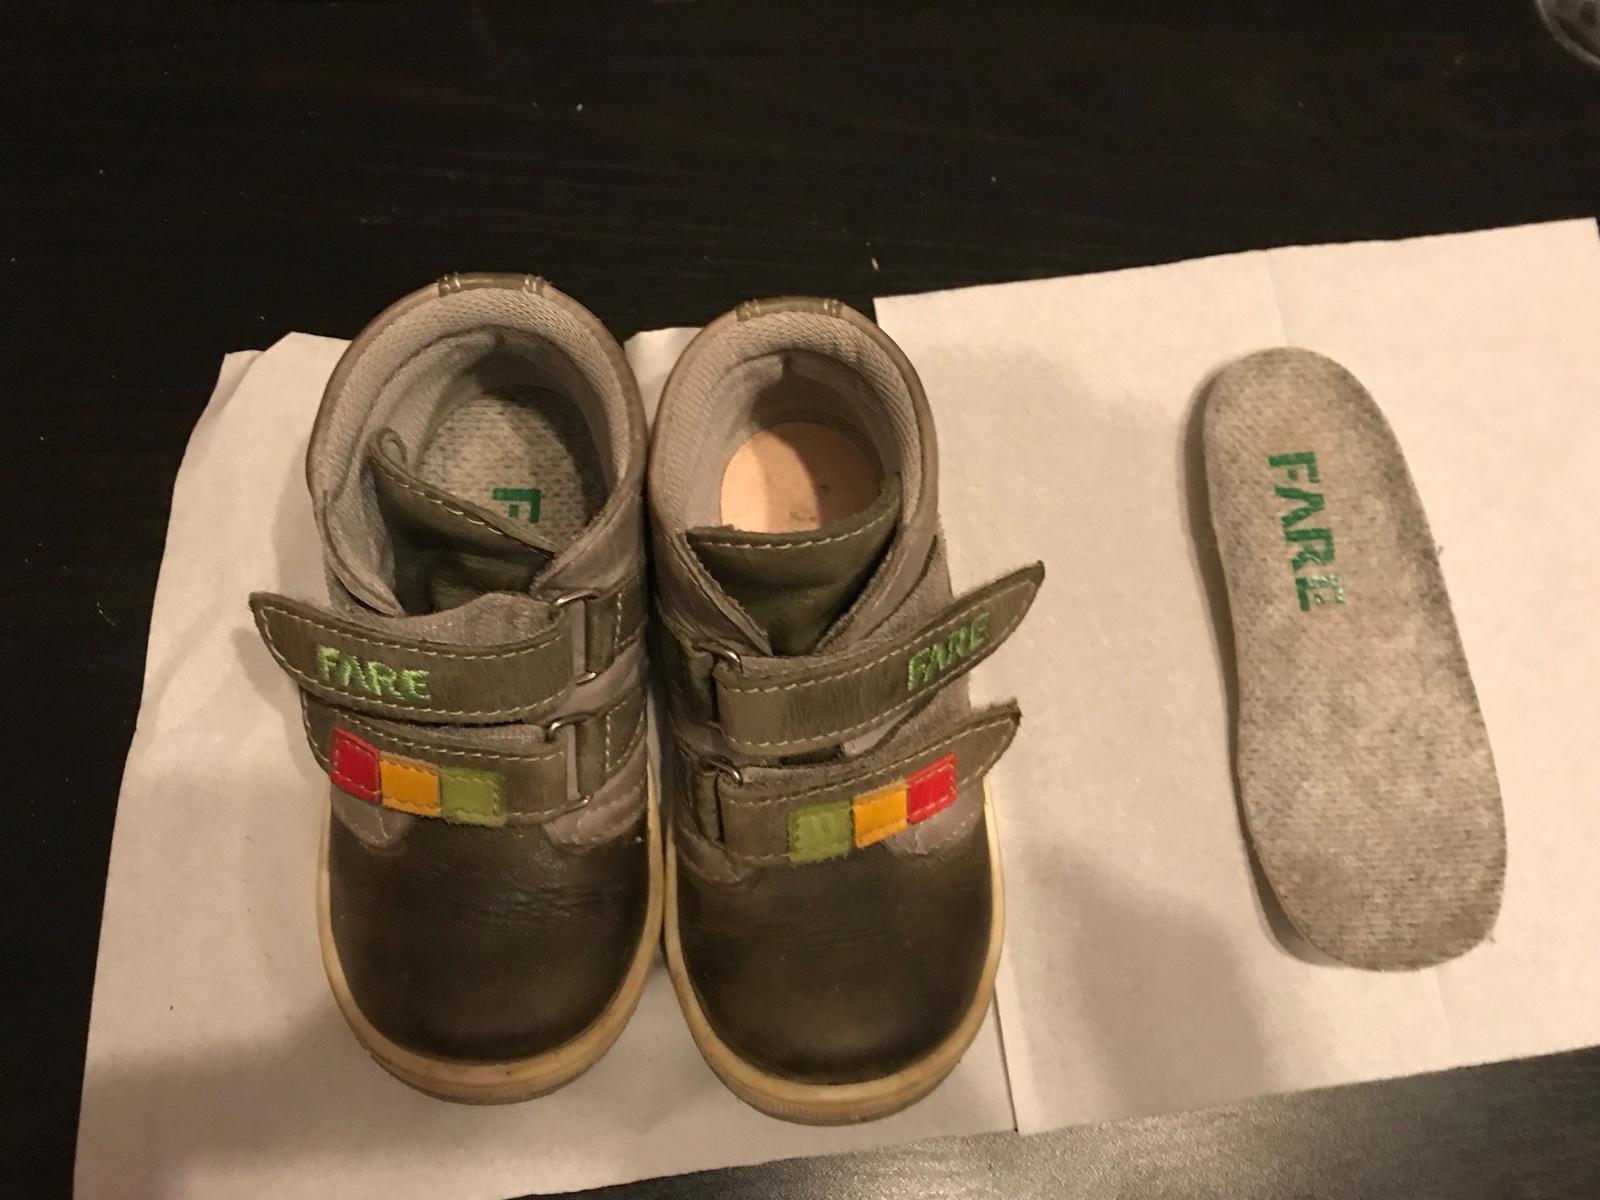 Fare dětské celoroční boty vel. 23 6d6361abd9